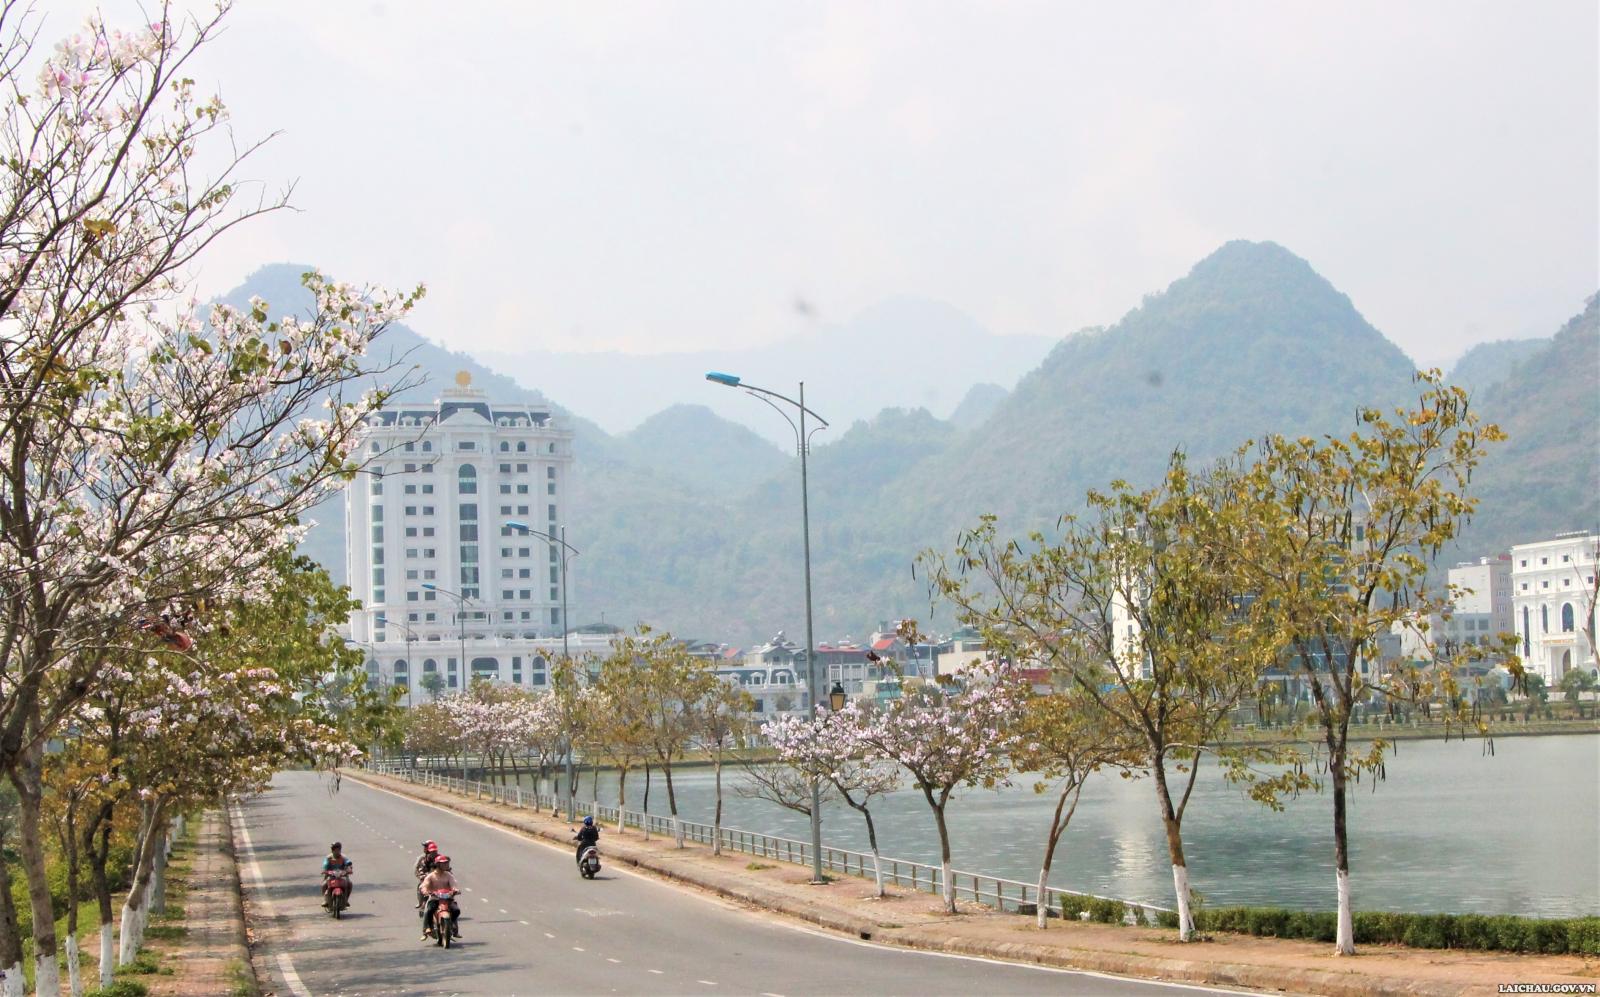 Những ngày này trên khắp các con đường của thành phố Lai Châu đang tràn ngập sắc trắng, tím, hồng của hoa ban - loài hoa đặc trưng của núi rừng Tây Bắc. (Ảnh: Ngọc Sánh)